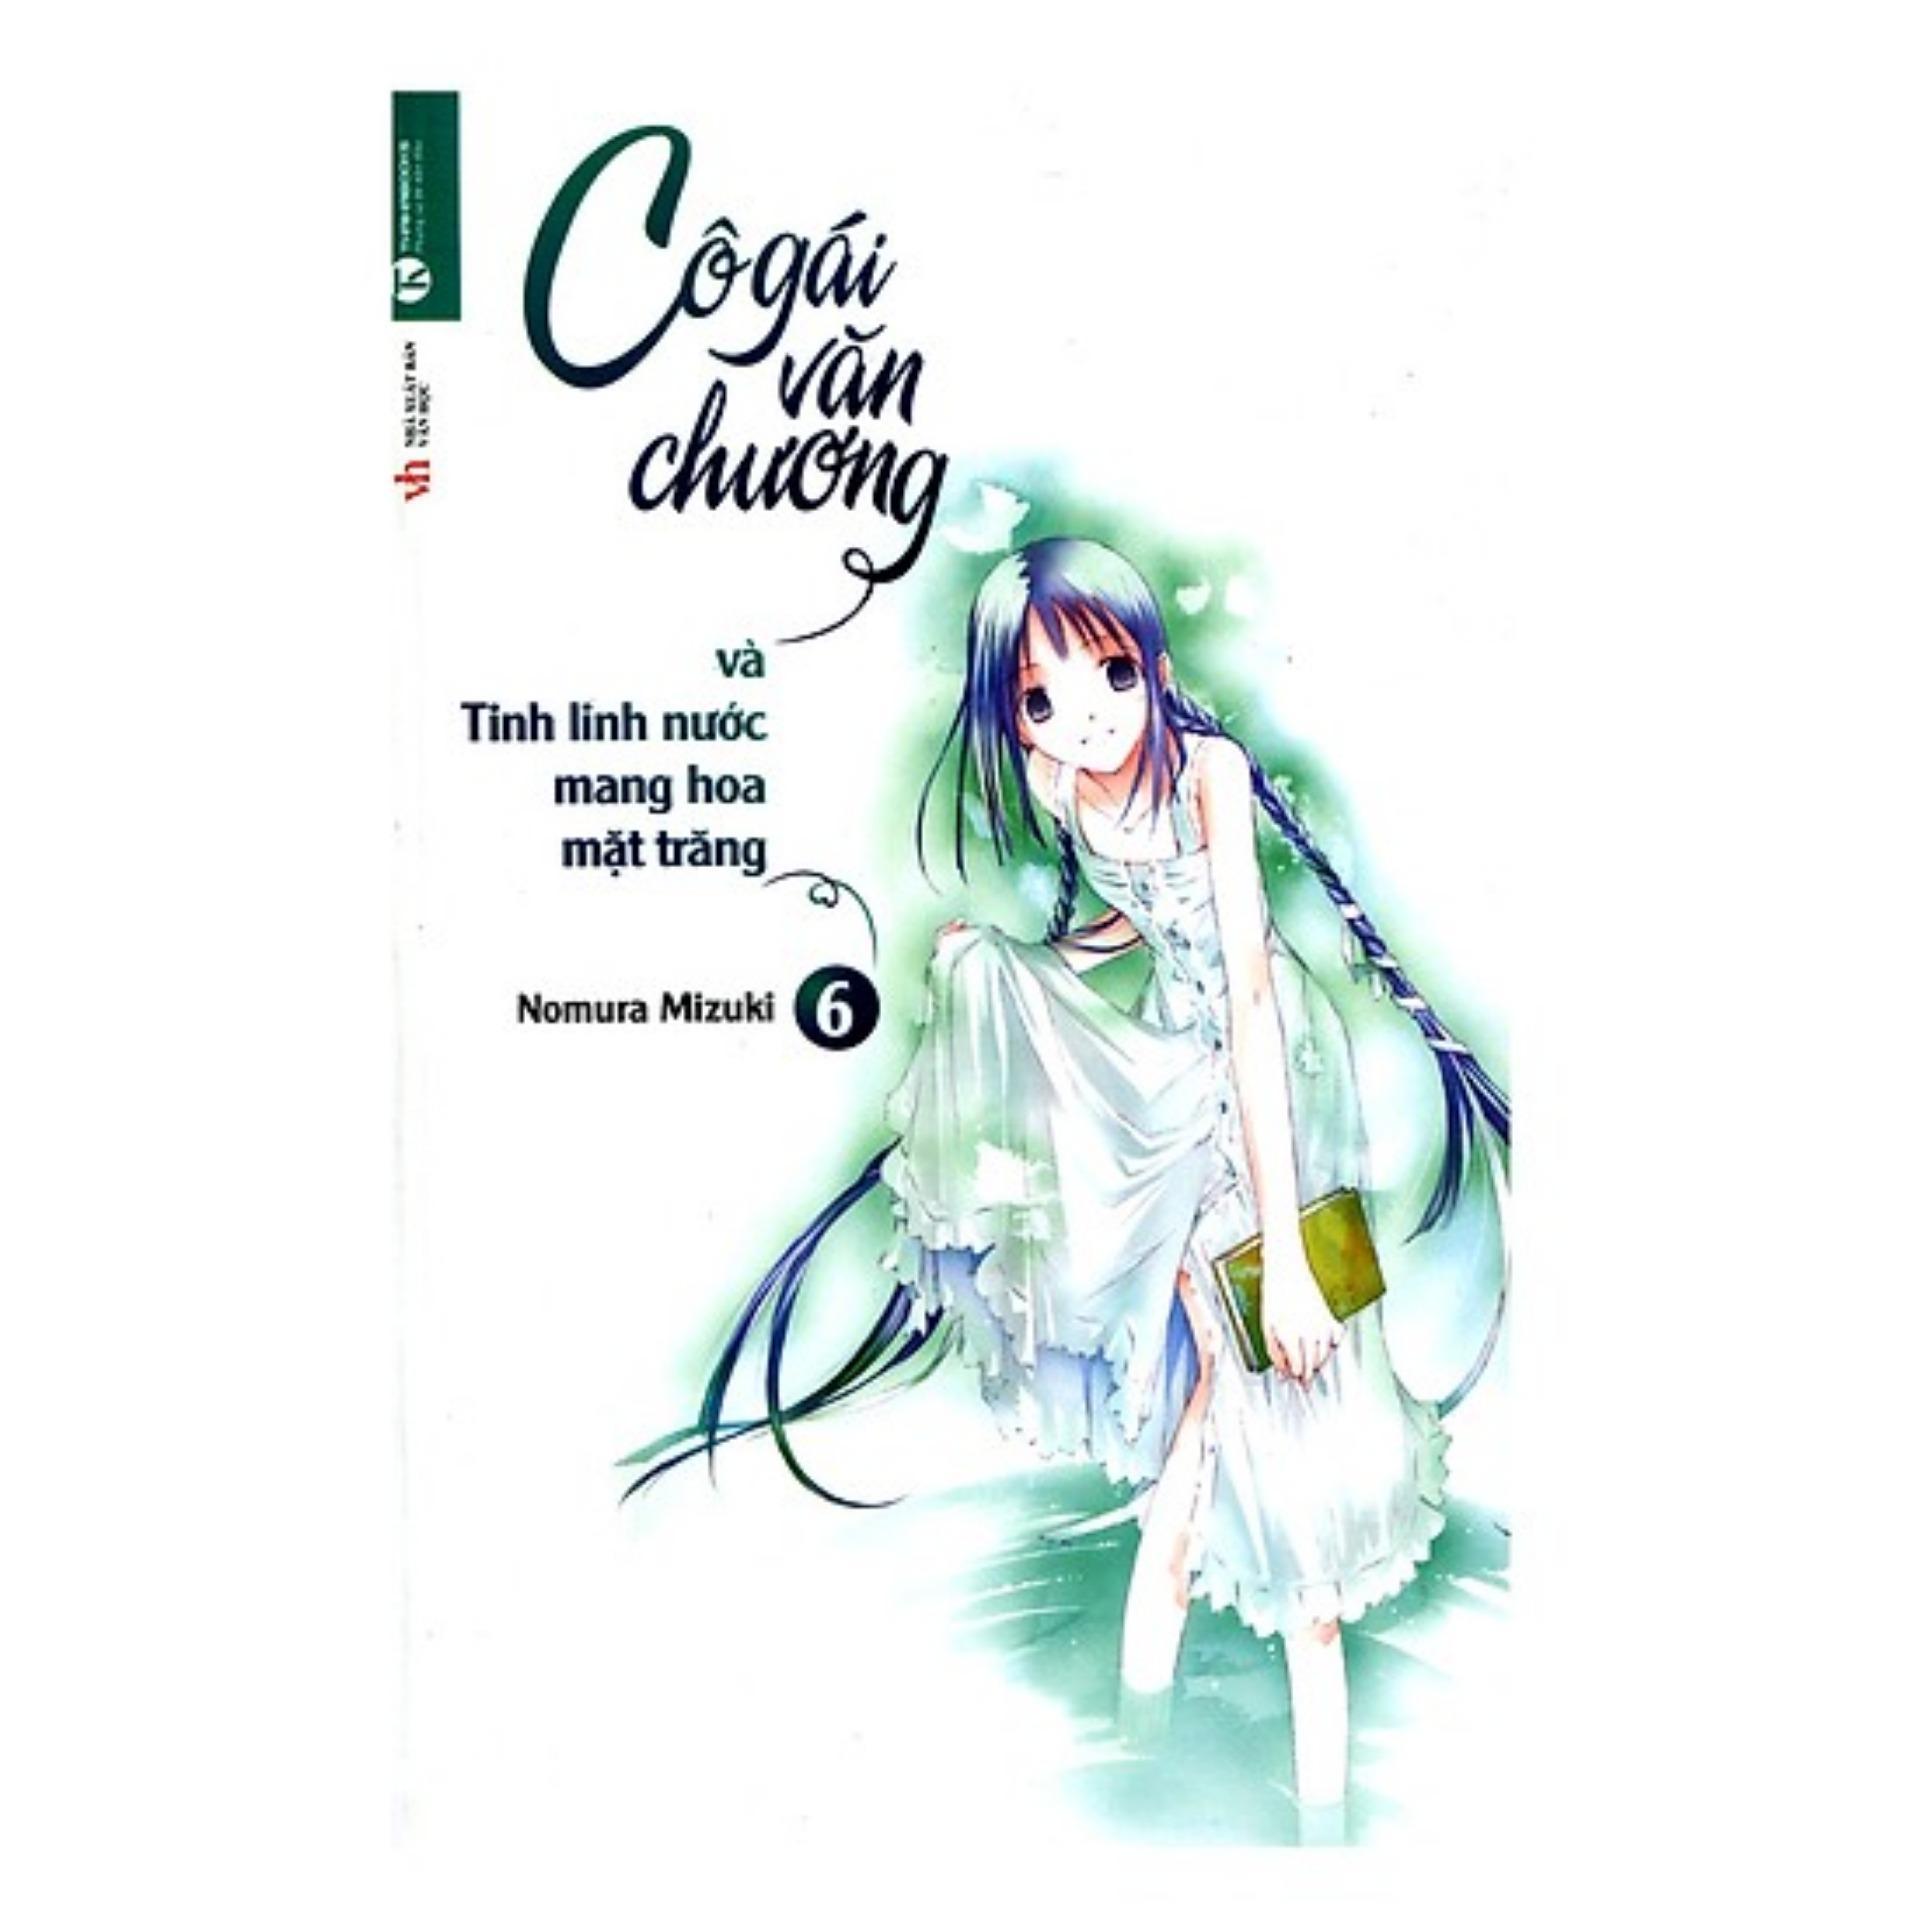 Mua Cô gái văn chương và tinh linh nước mang hoa mặt trăng - Tập 6 (TB)